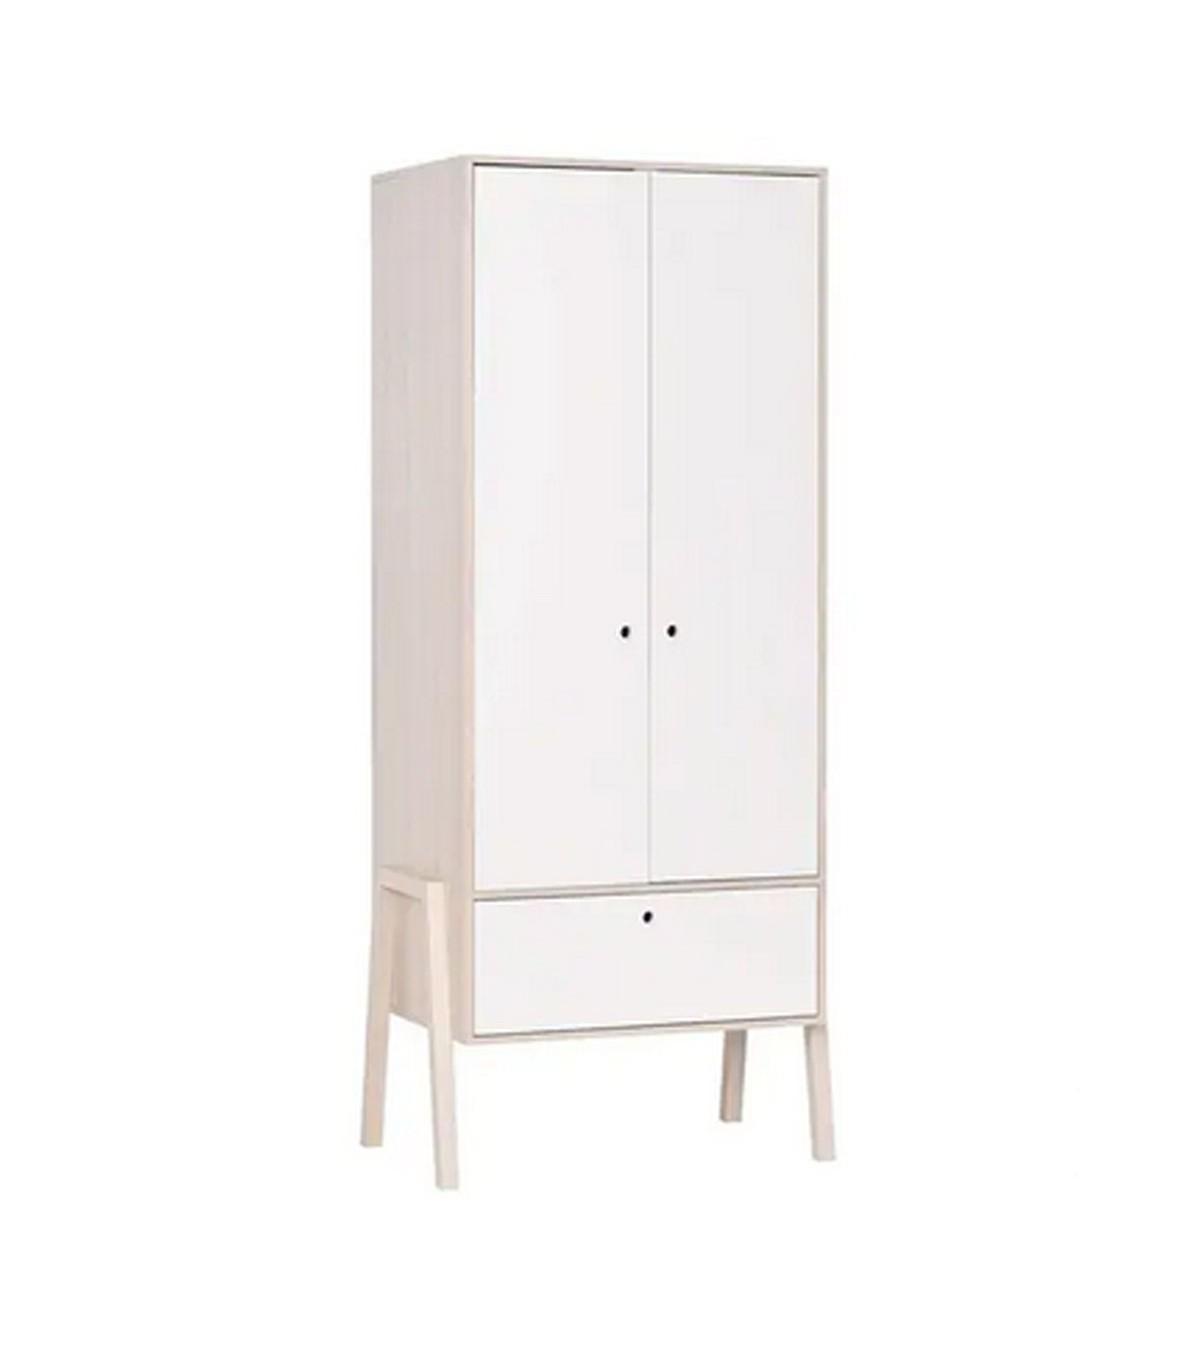 Armoire 2 portes 1 tiroir avec penderie - Blanc et beige